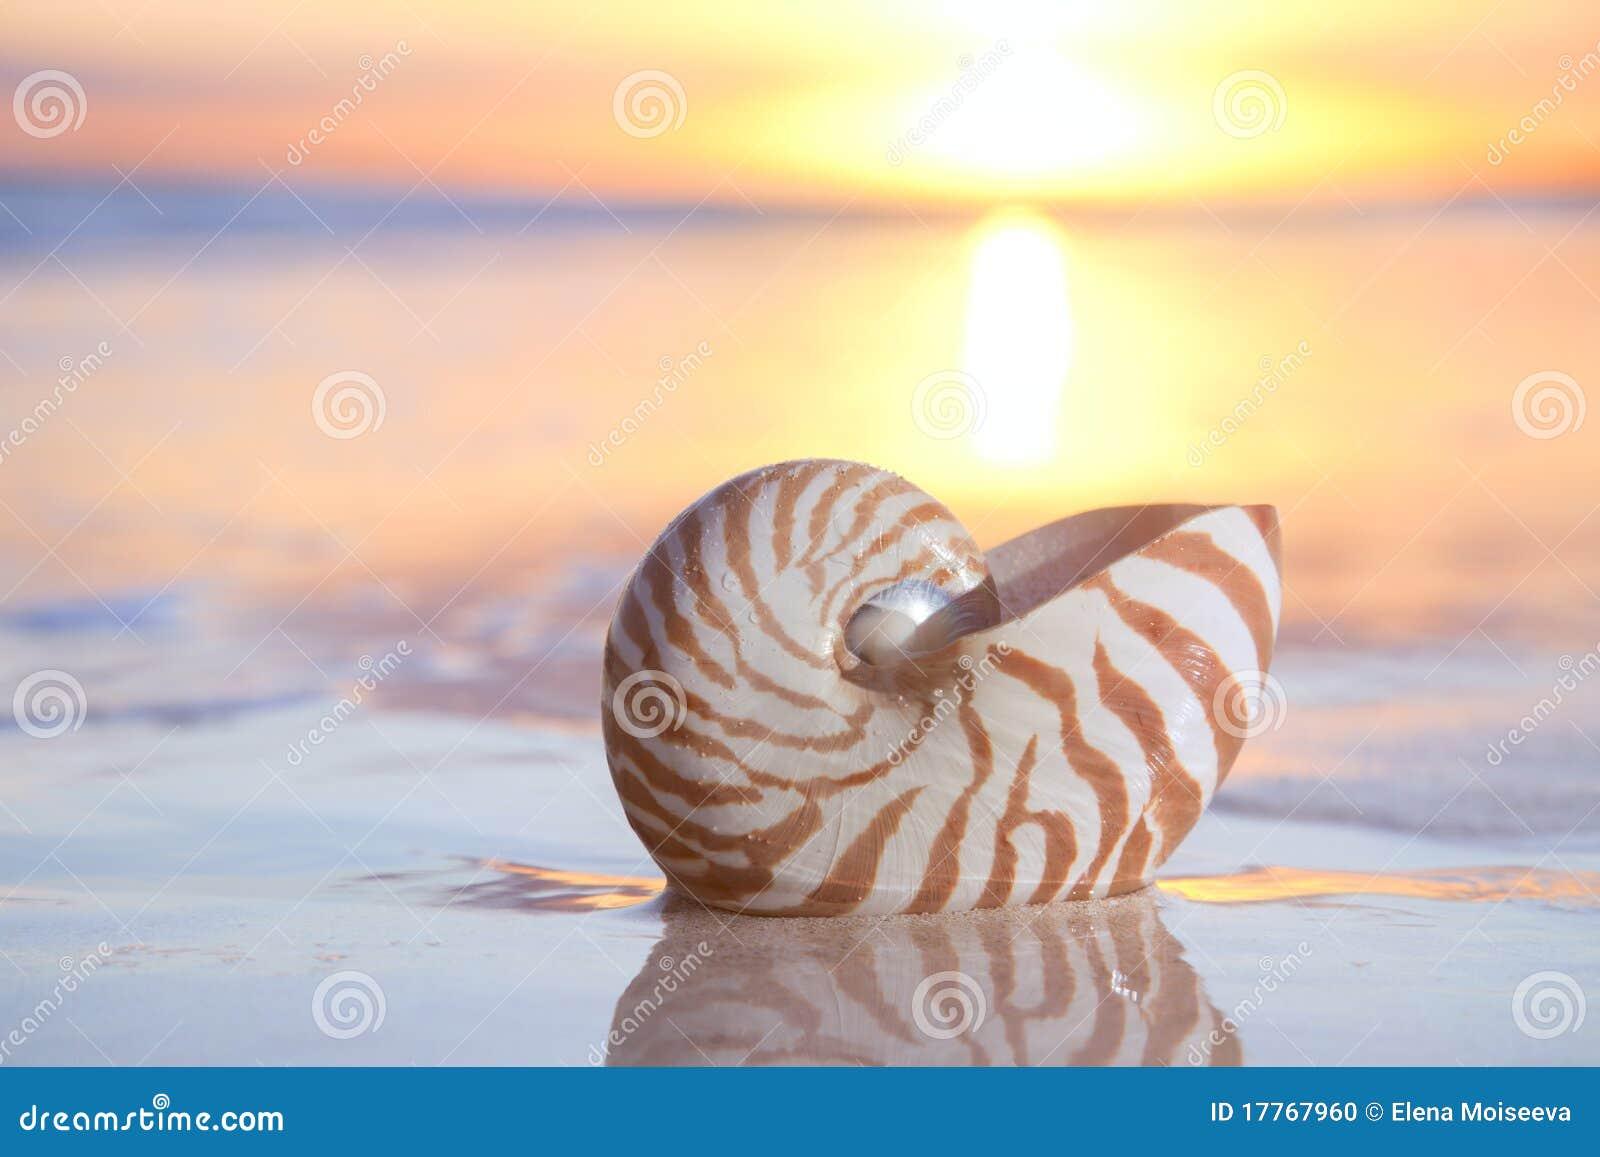 Shell en el mar, salida del sol del nautilus